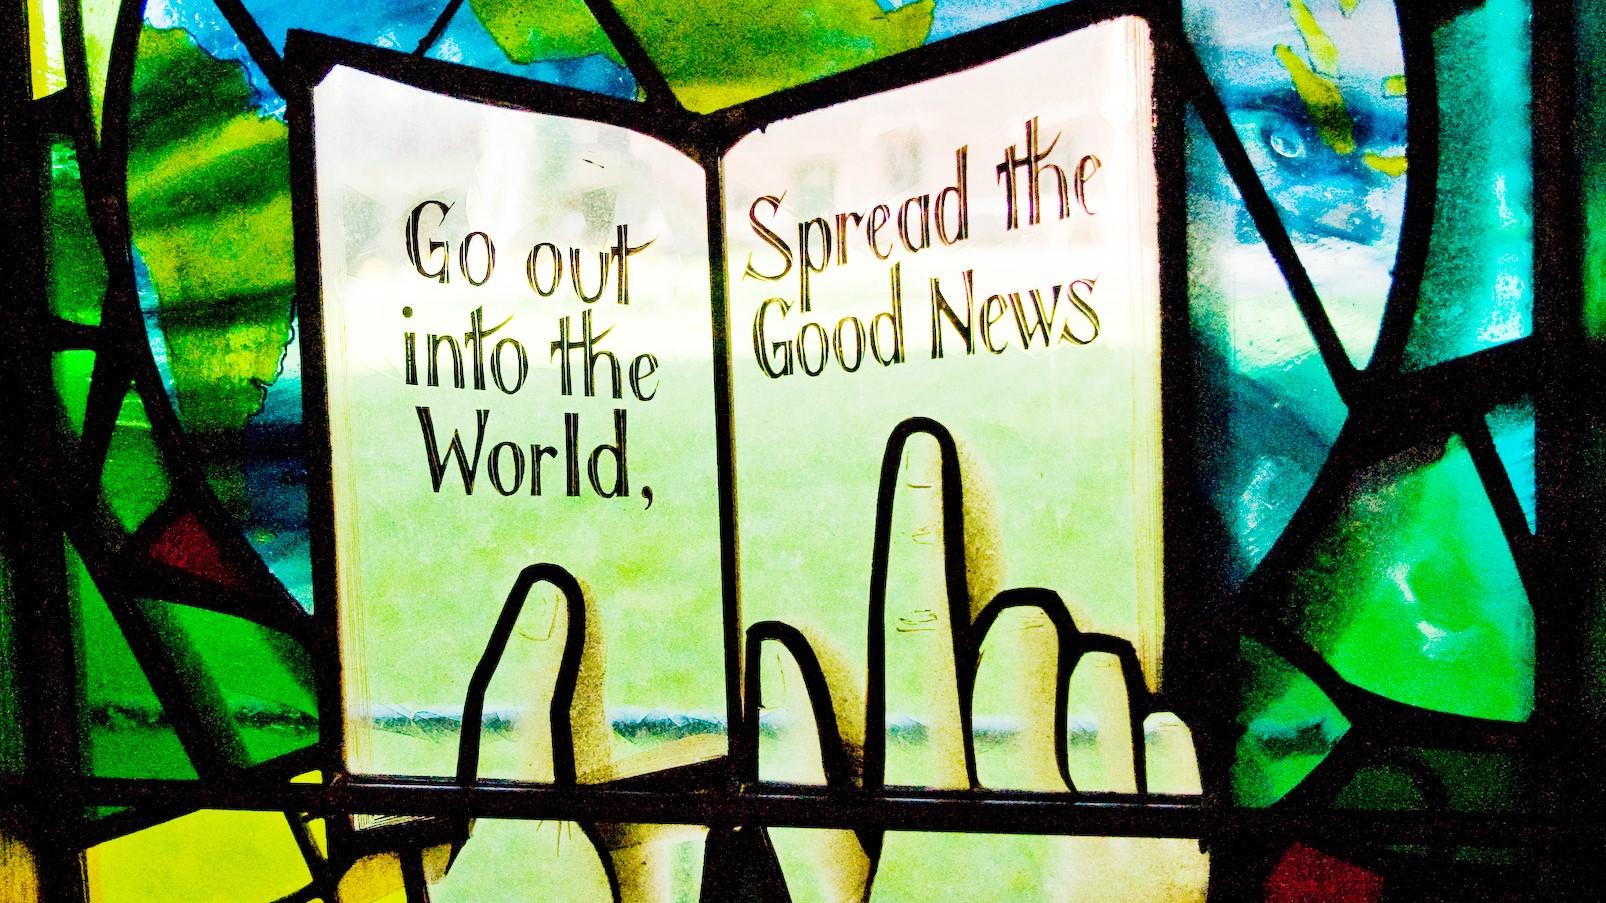 Como compartilhamos as boas notícias?